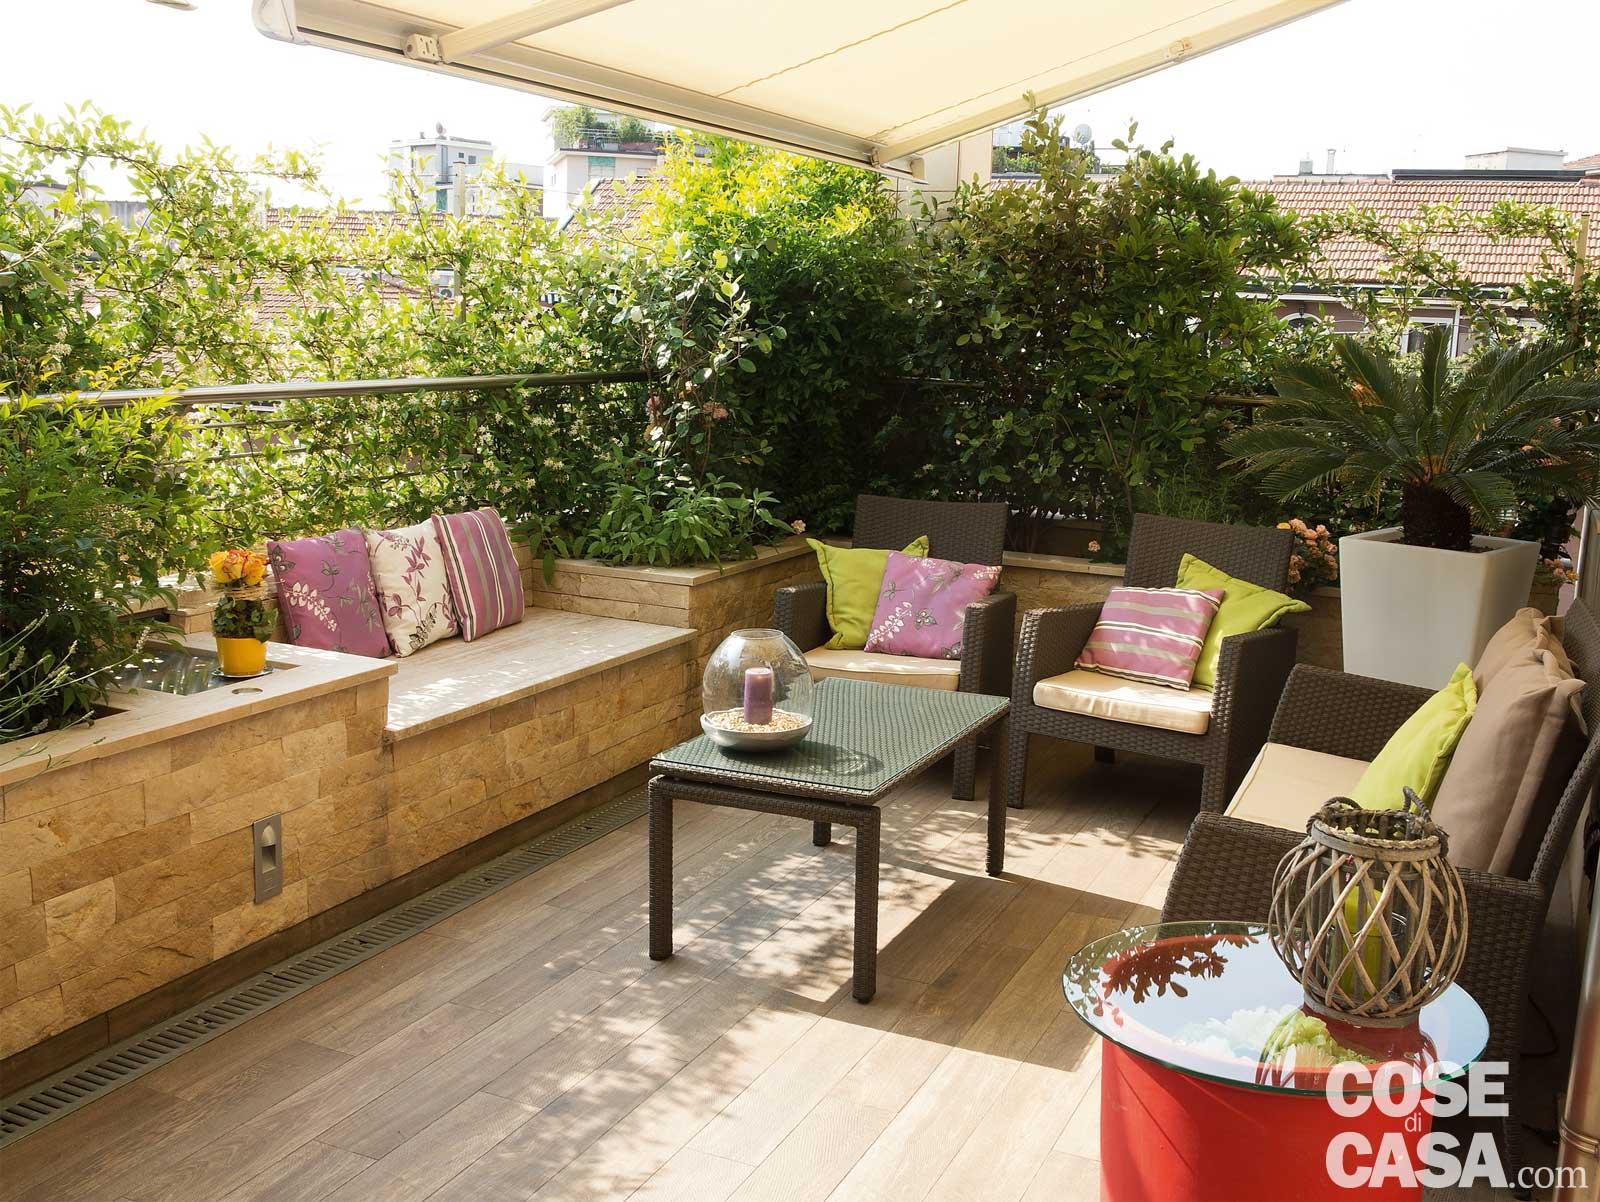 La terrazza diventa living arredare anche con le piante - Terrazzo giardino ...